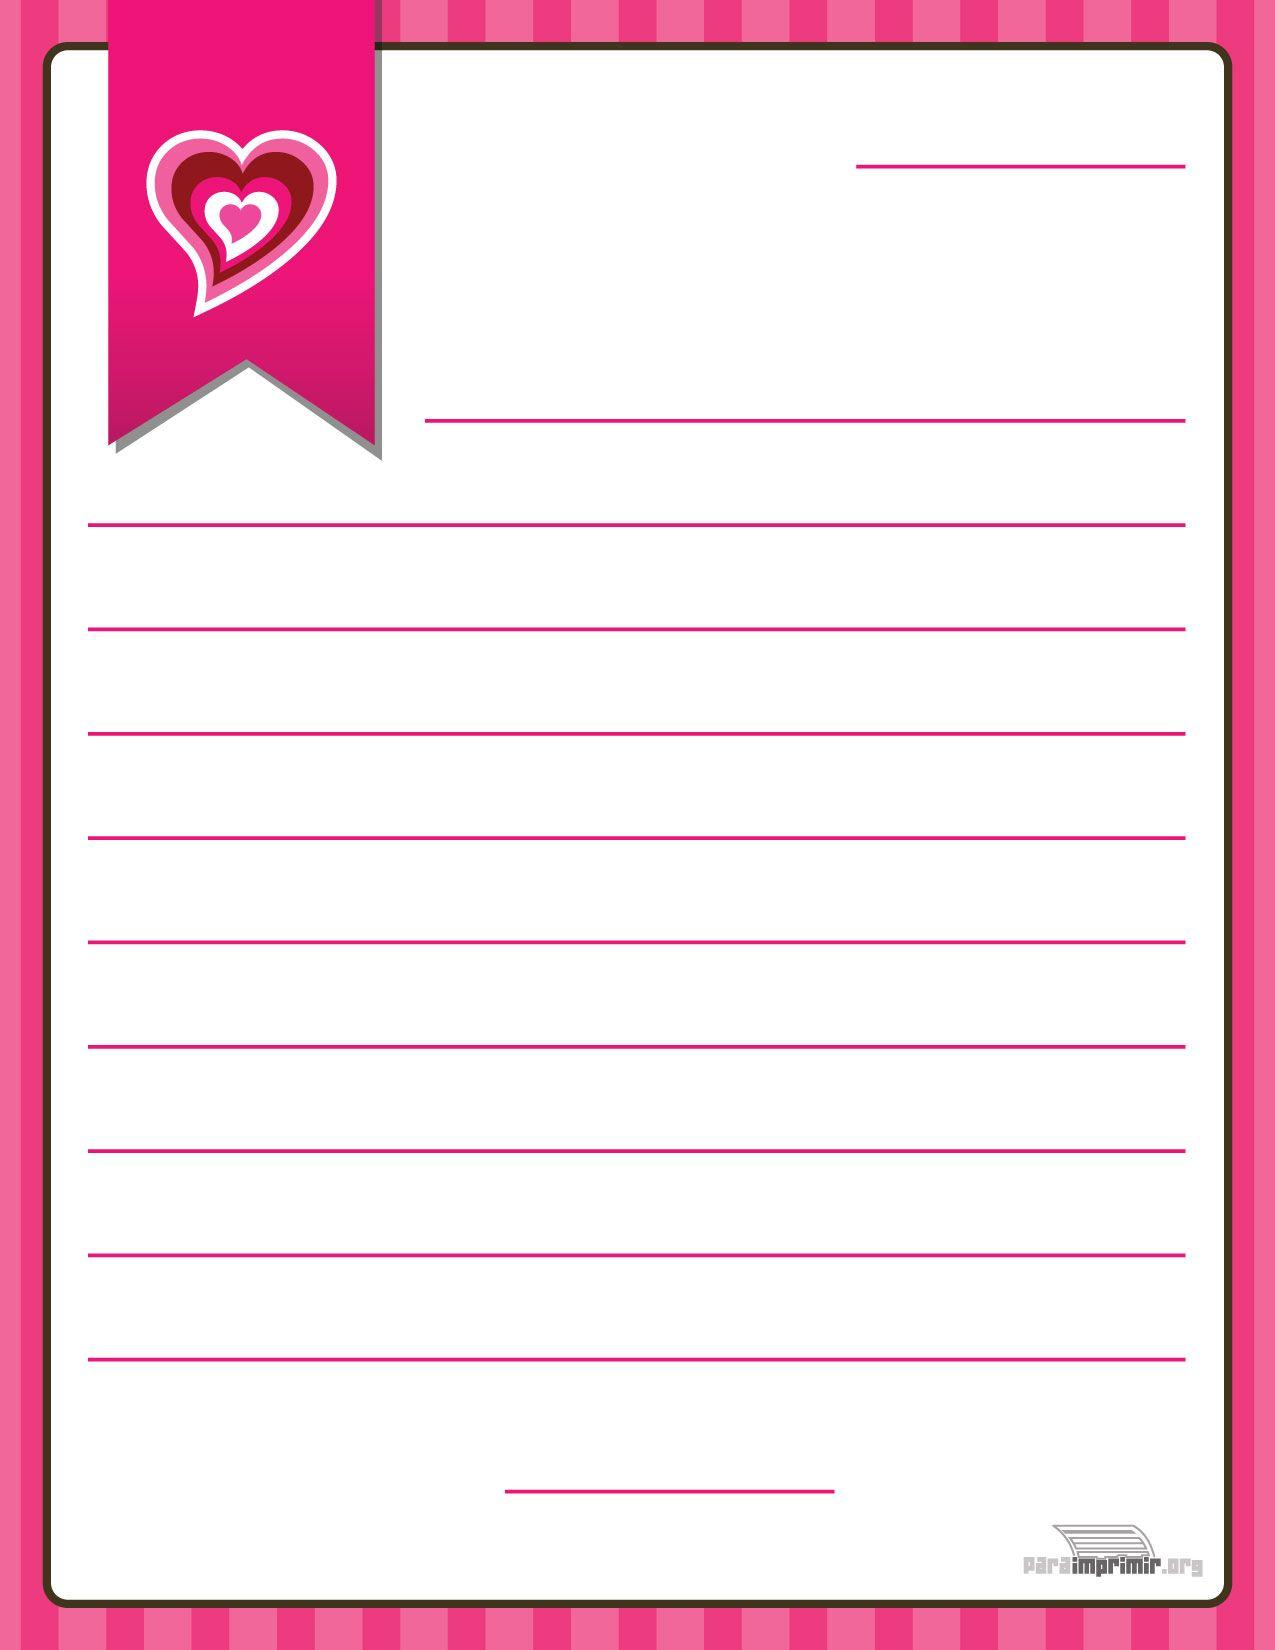 Fondos para cartas de amor para imprimir